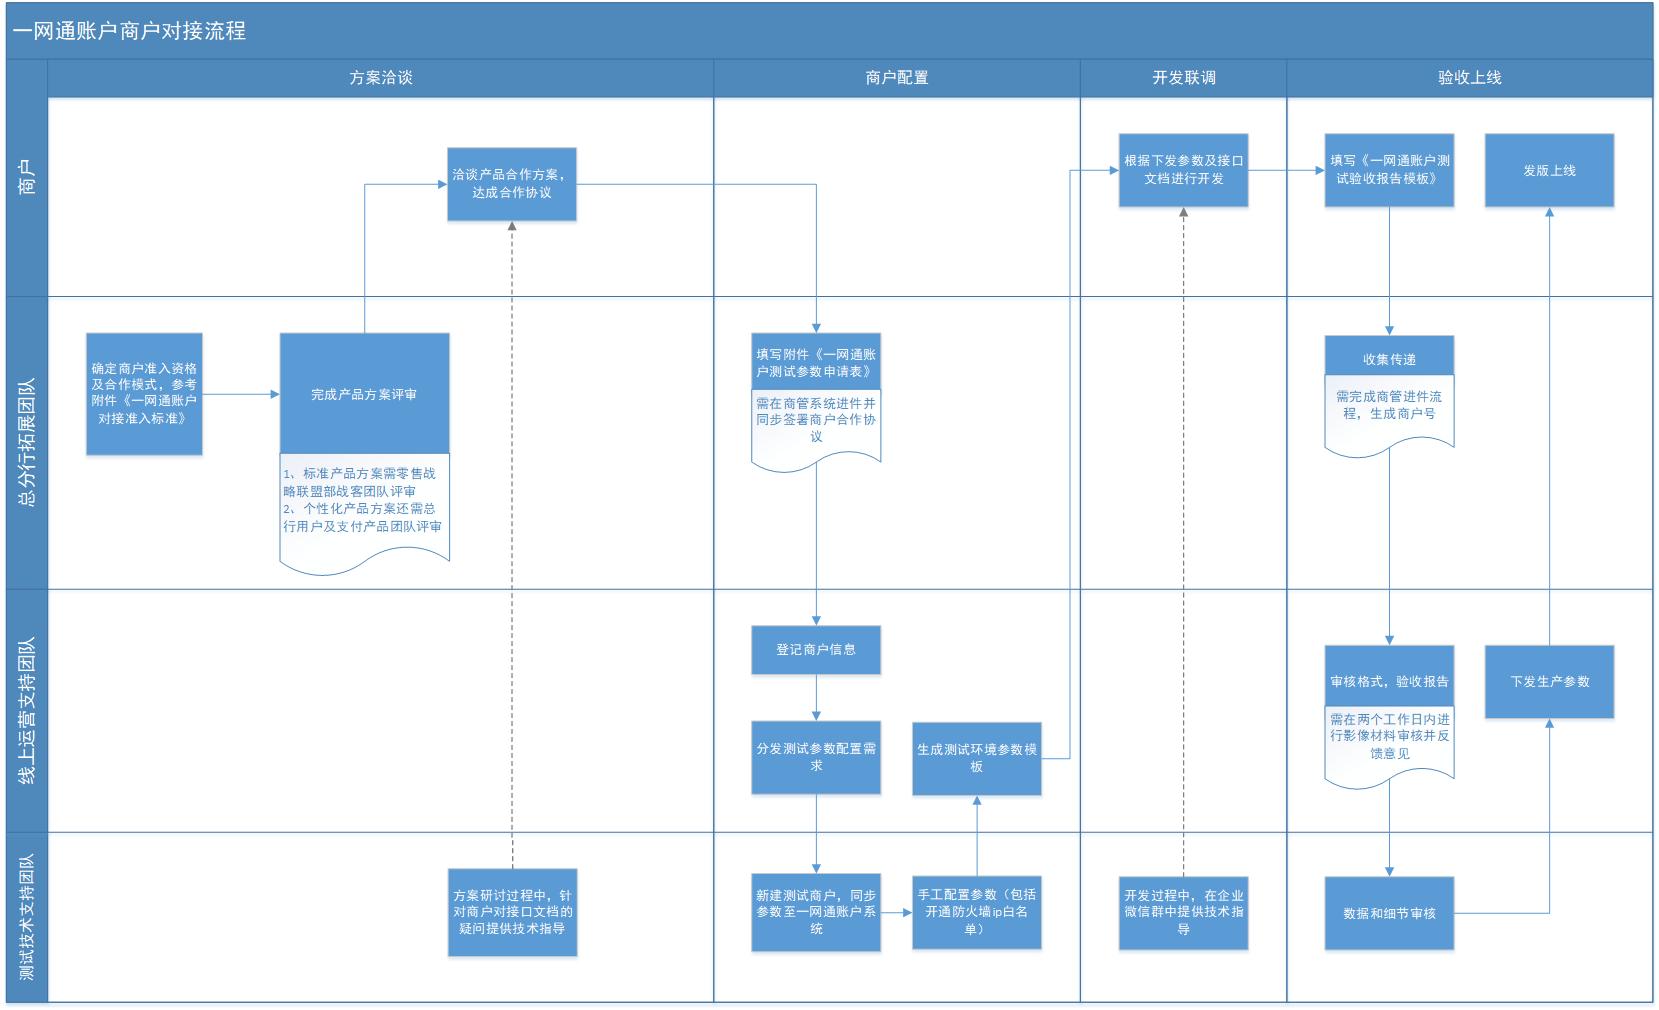 一网通账户商户对接流程图-修改0530.png